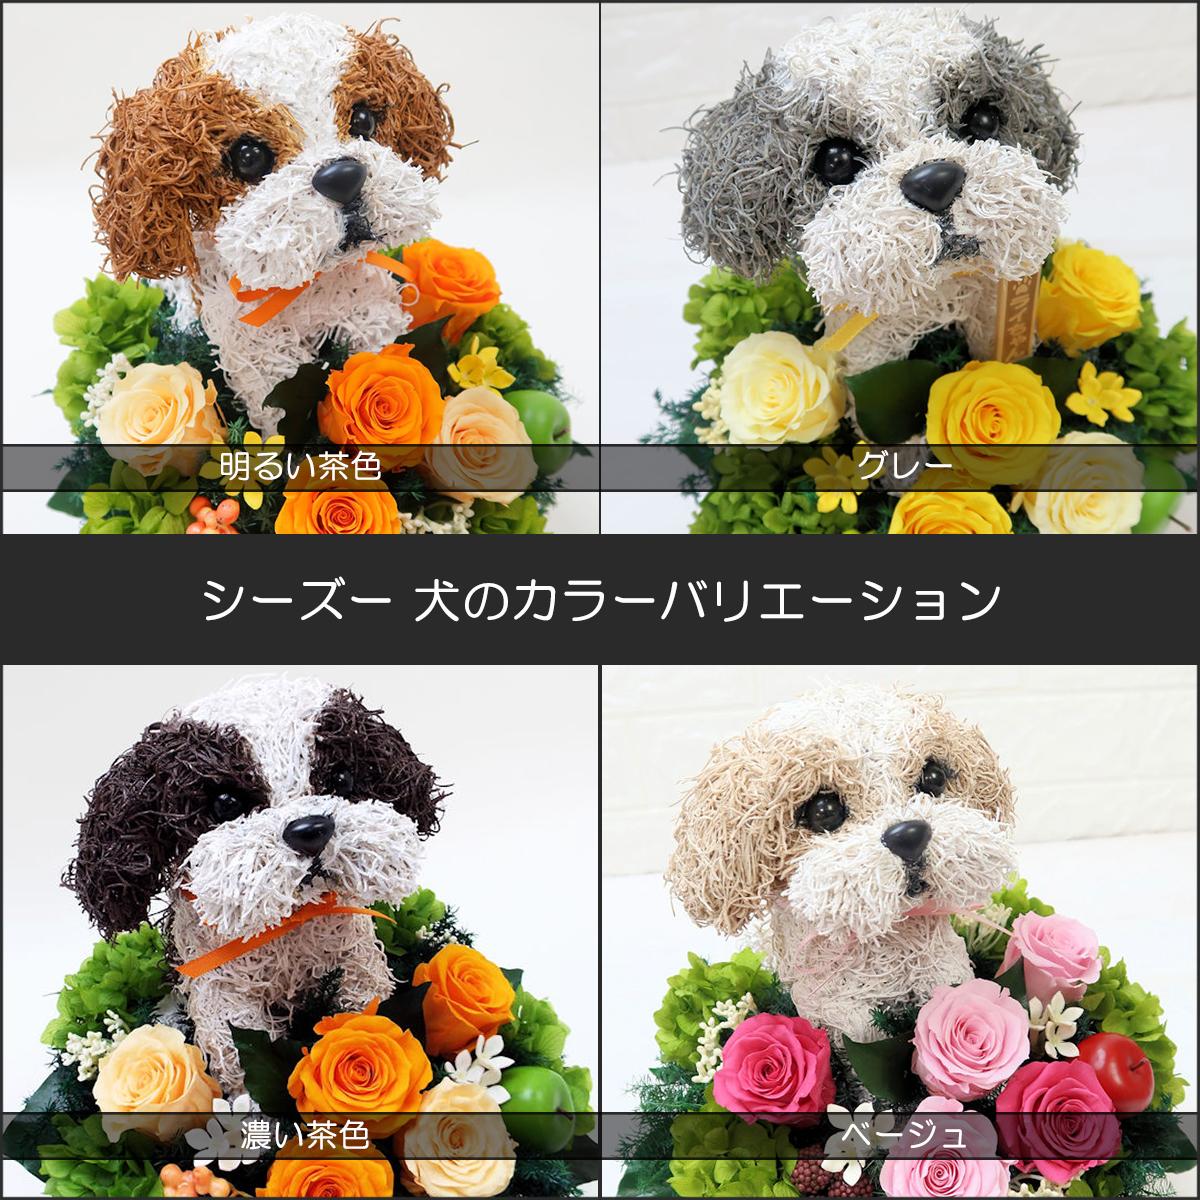 プリザーブドフラワー犬,シーズーカラーバリエーション